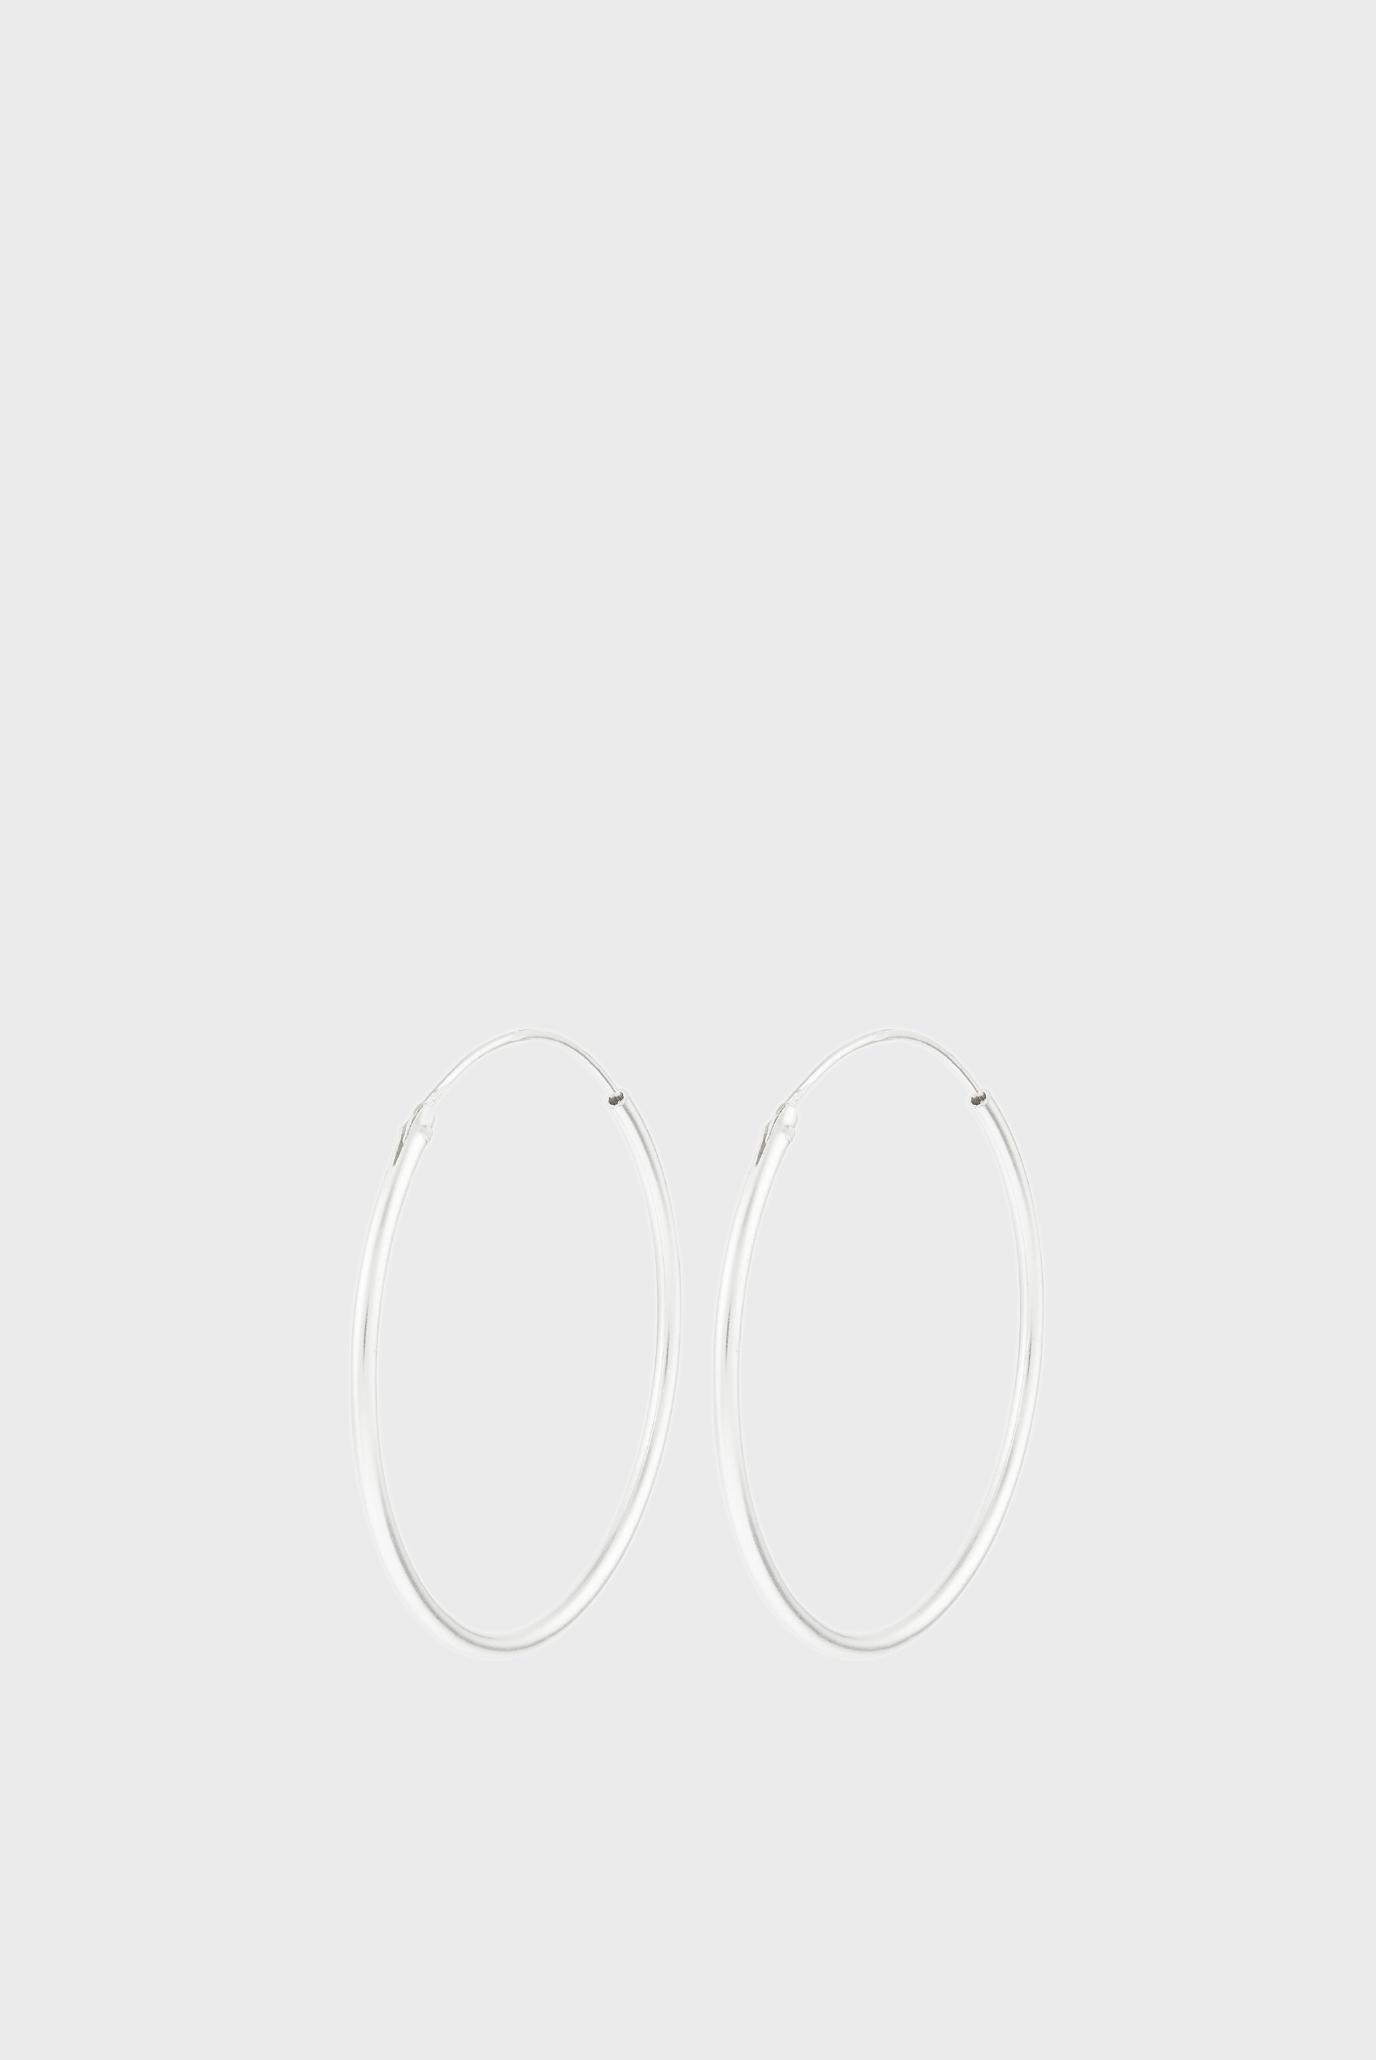 Жіночі срібні сережки MEDIUM SIMPLE HOO 1